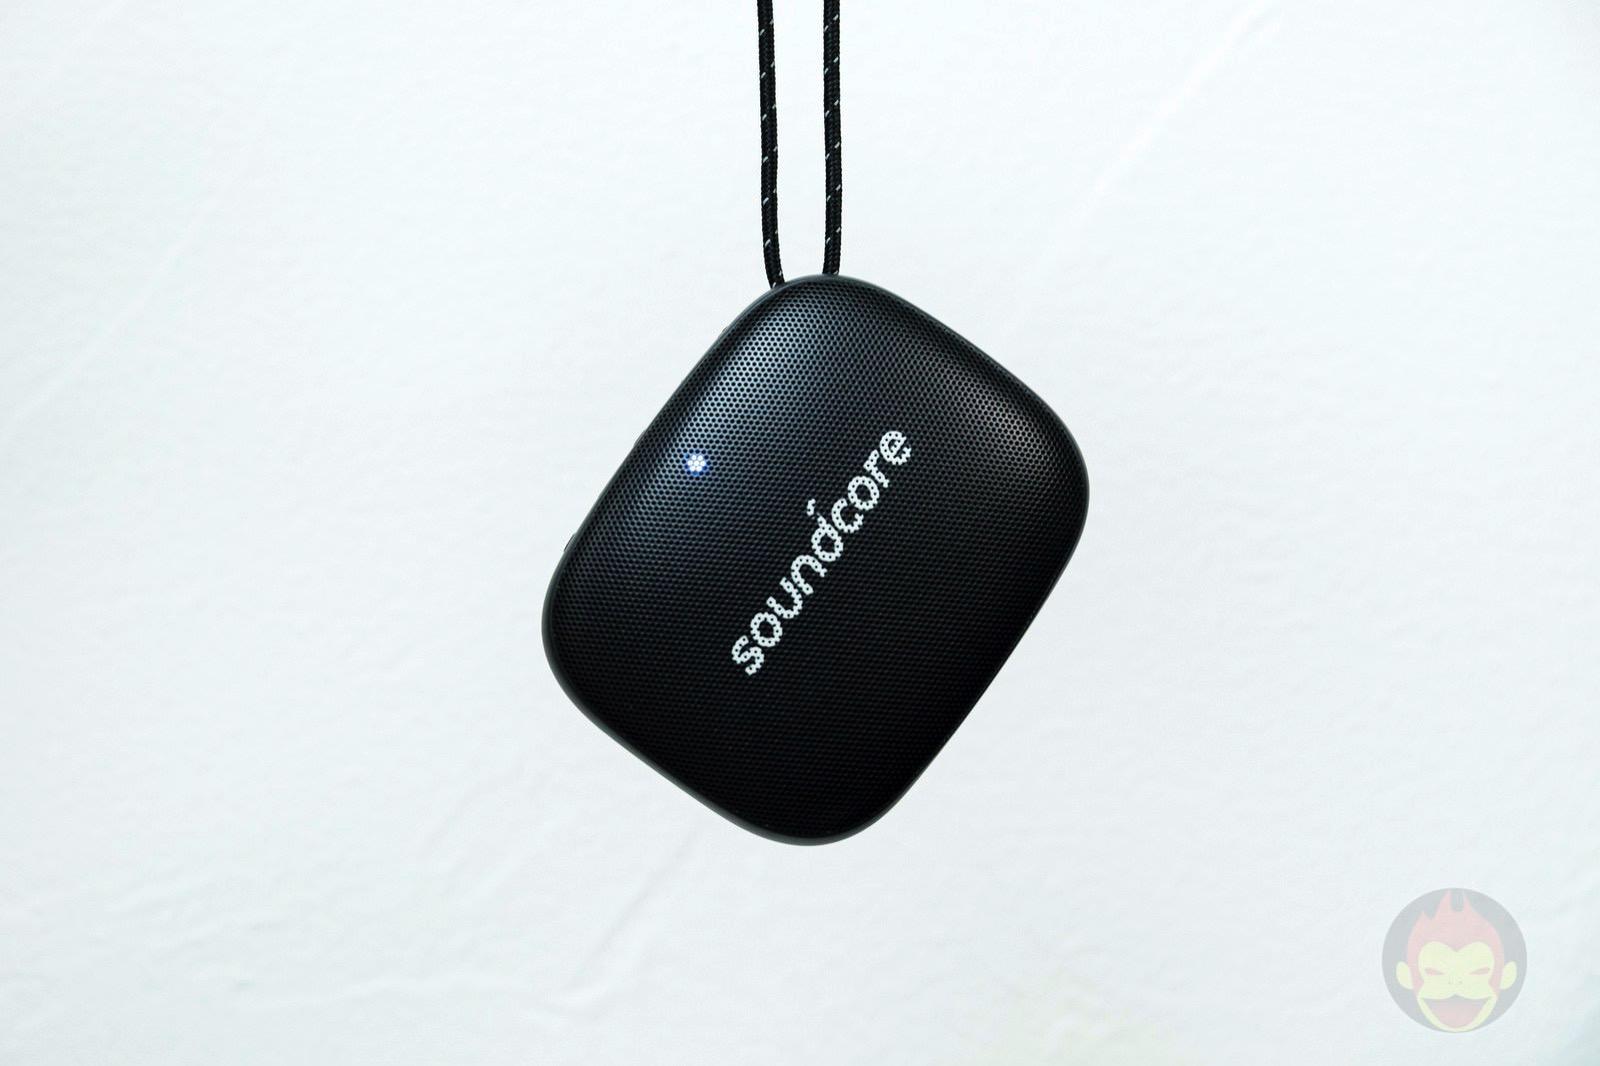 Souncore-Icon-Mini-Review-05.jpg